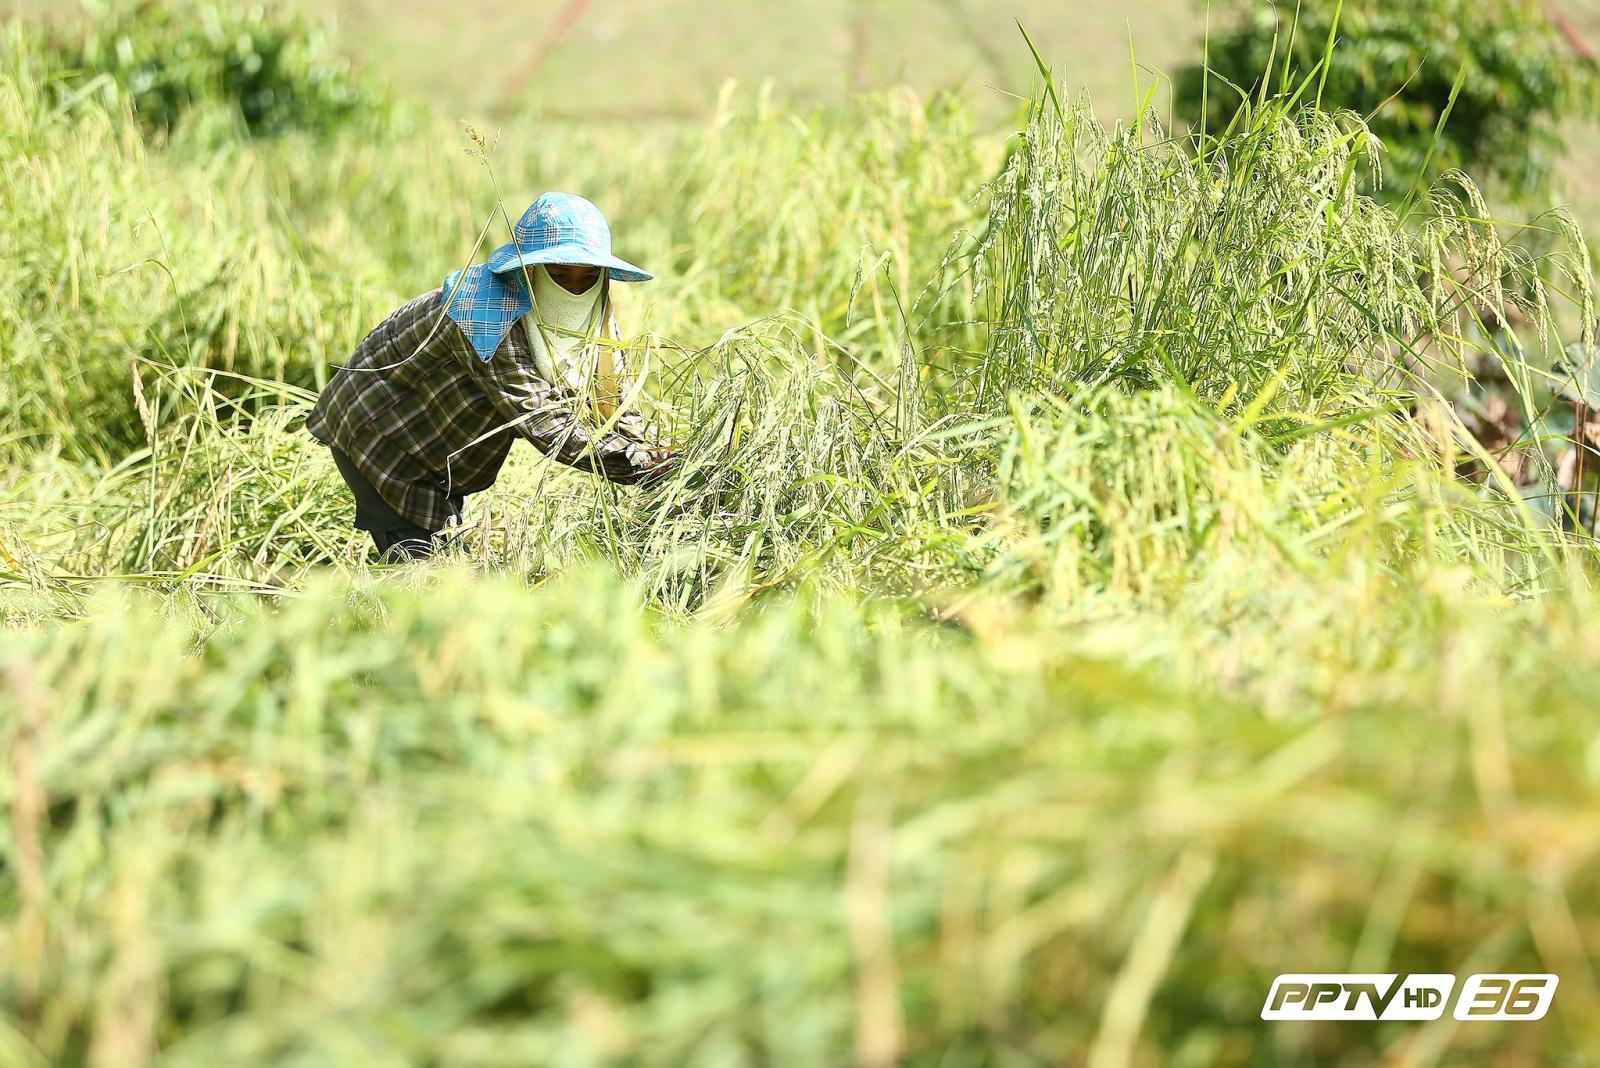 พระราชดำริพลิกดินแล้ง สู่ผืนป่าสีเขียวอันอุดมสมบูรณ์(คลิป)